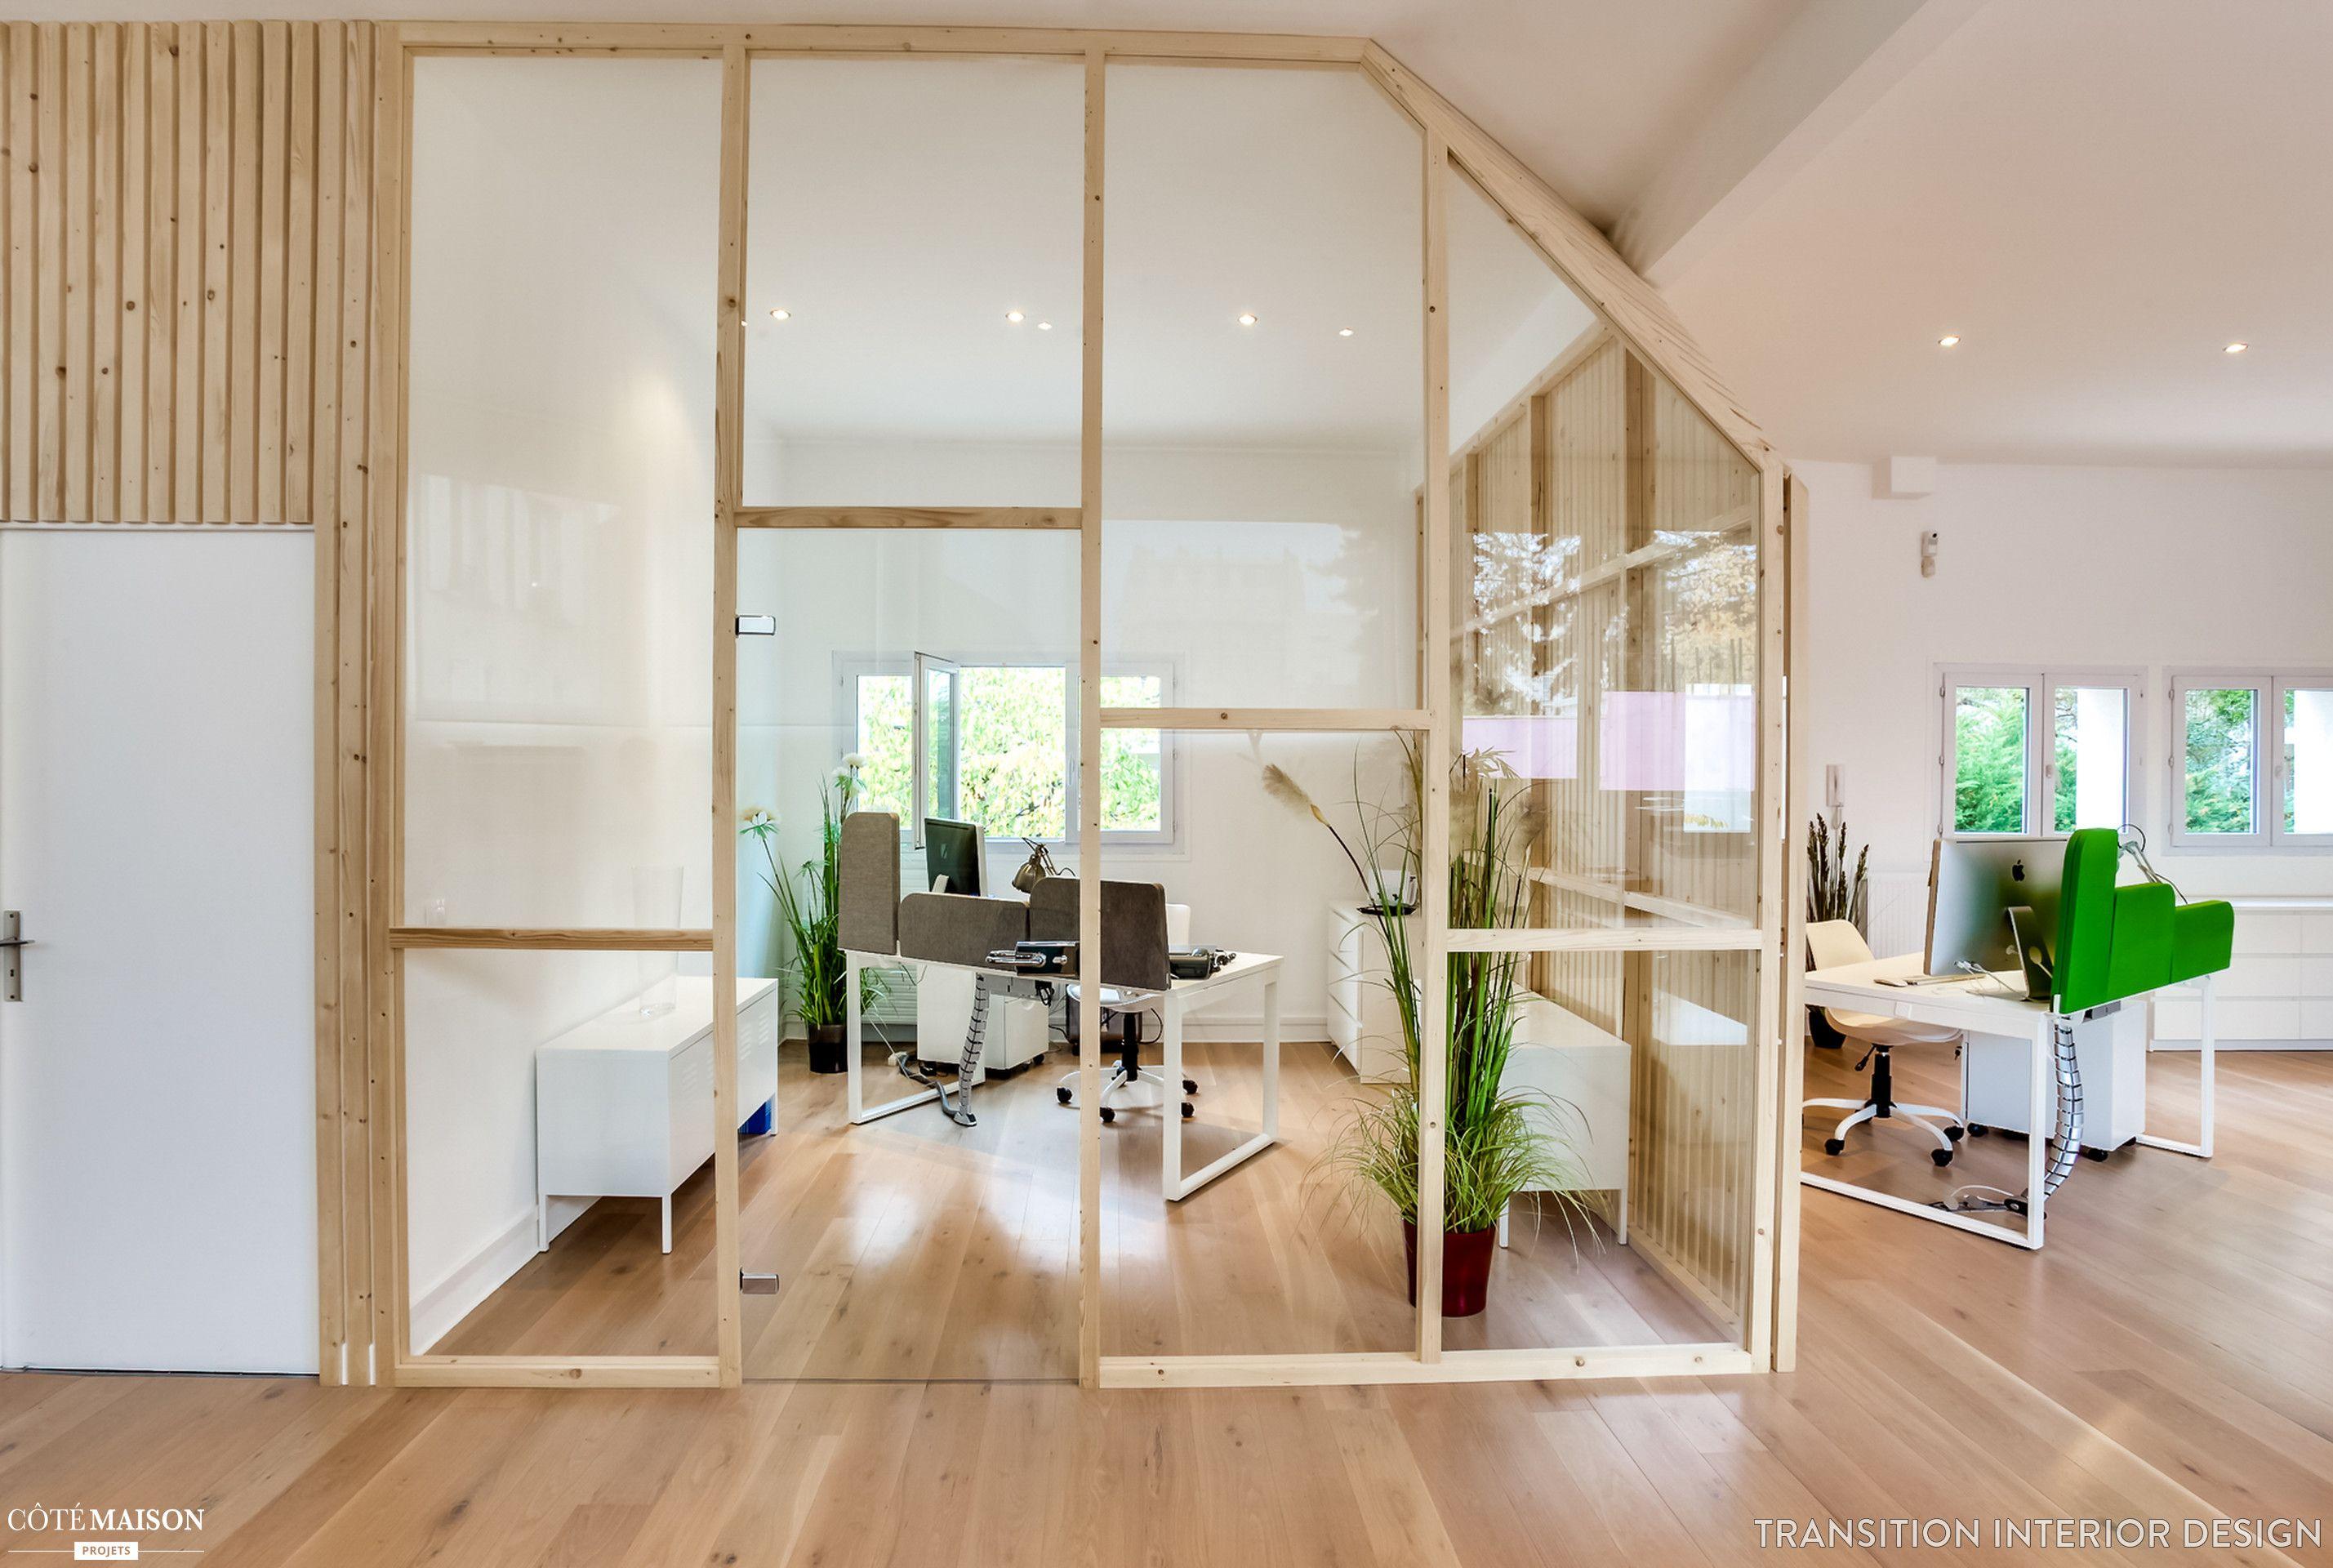 la verri re en bois clairs apporte une douce s paration de l 39 espace fenetre en bois. Black Bedroom Furniture Sets. Home Design Ideas